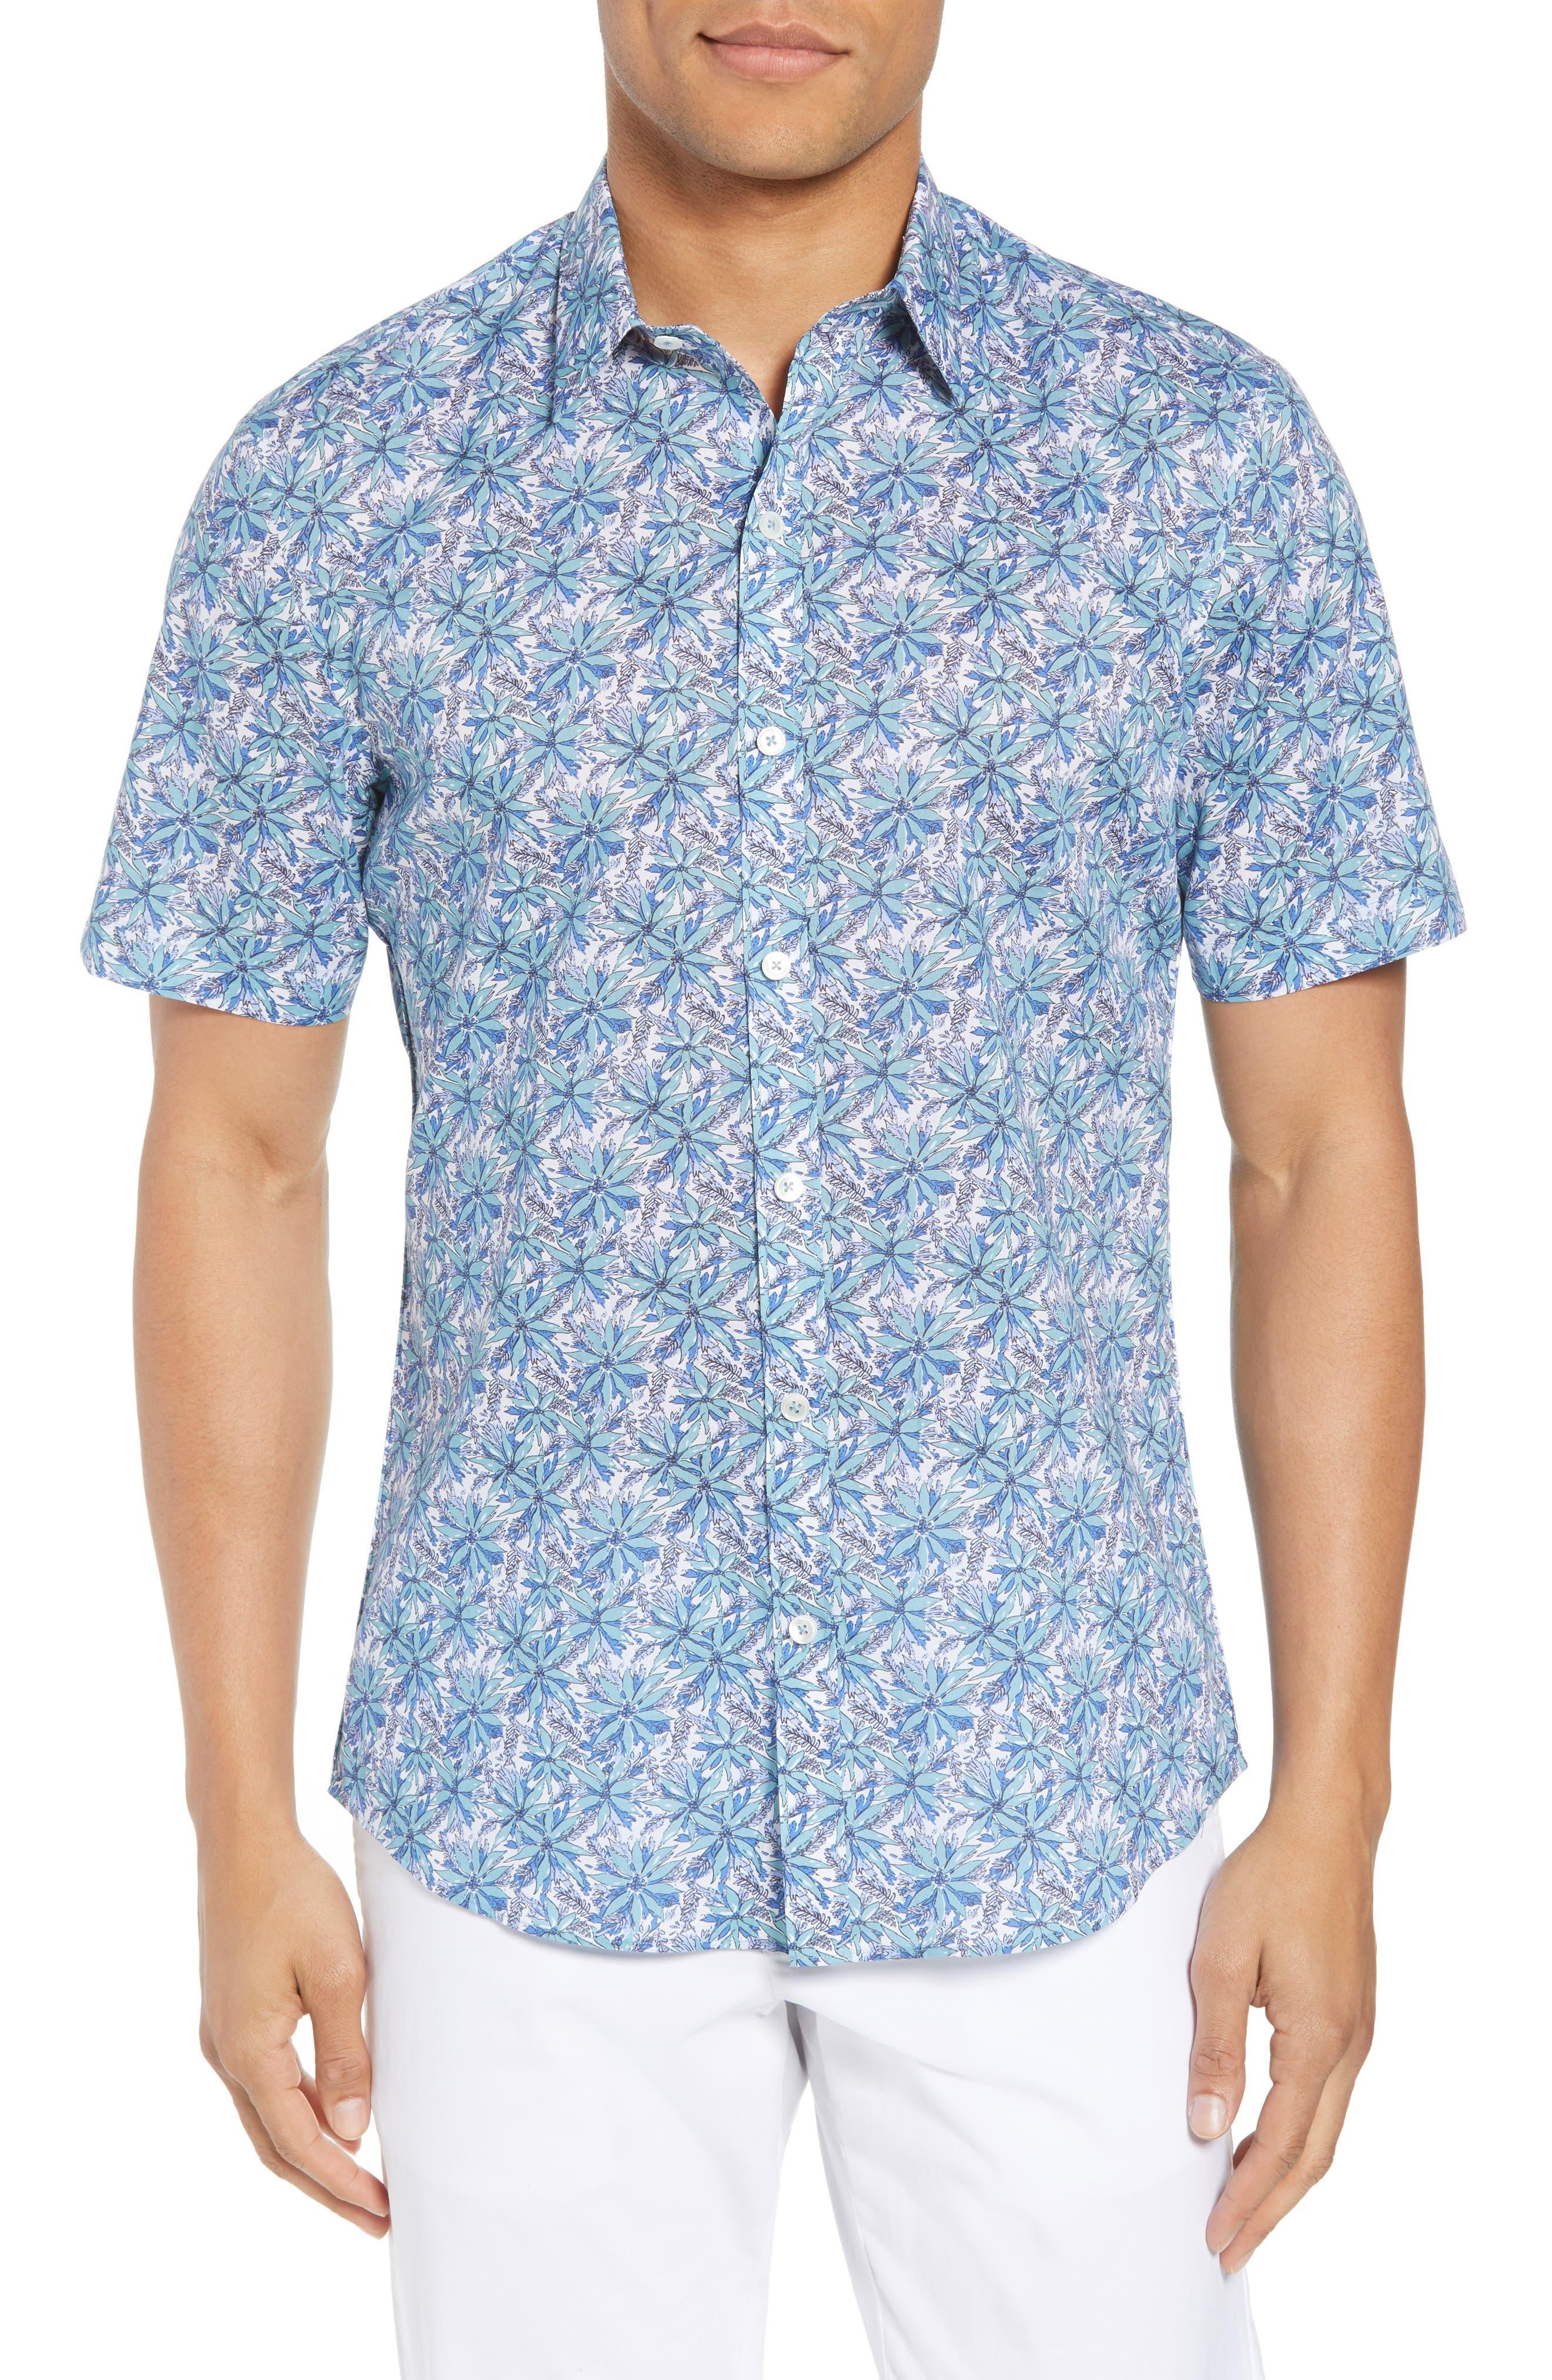 Goelzer Regular Fit Sport Shirt,                         Main,                         color, AQUA